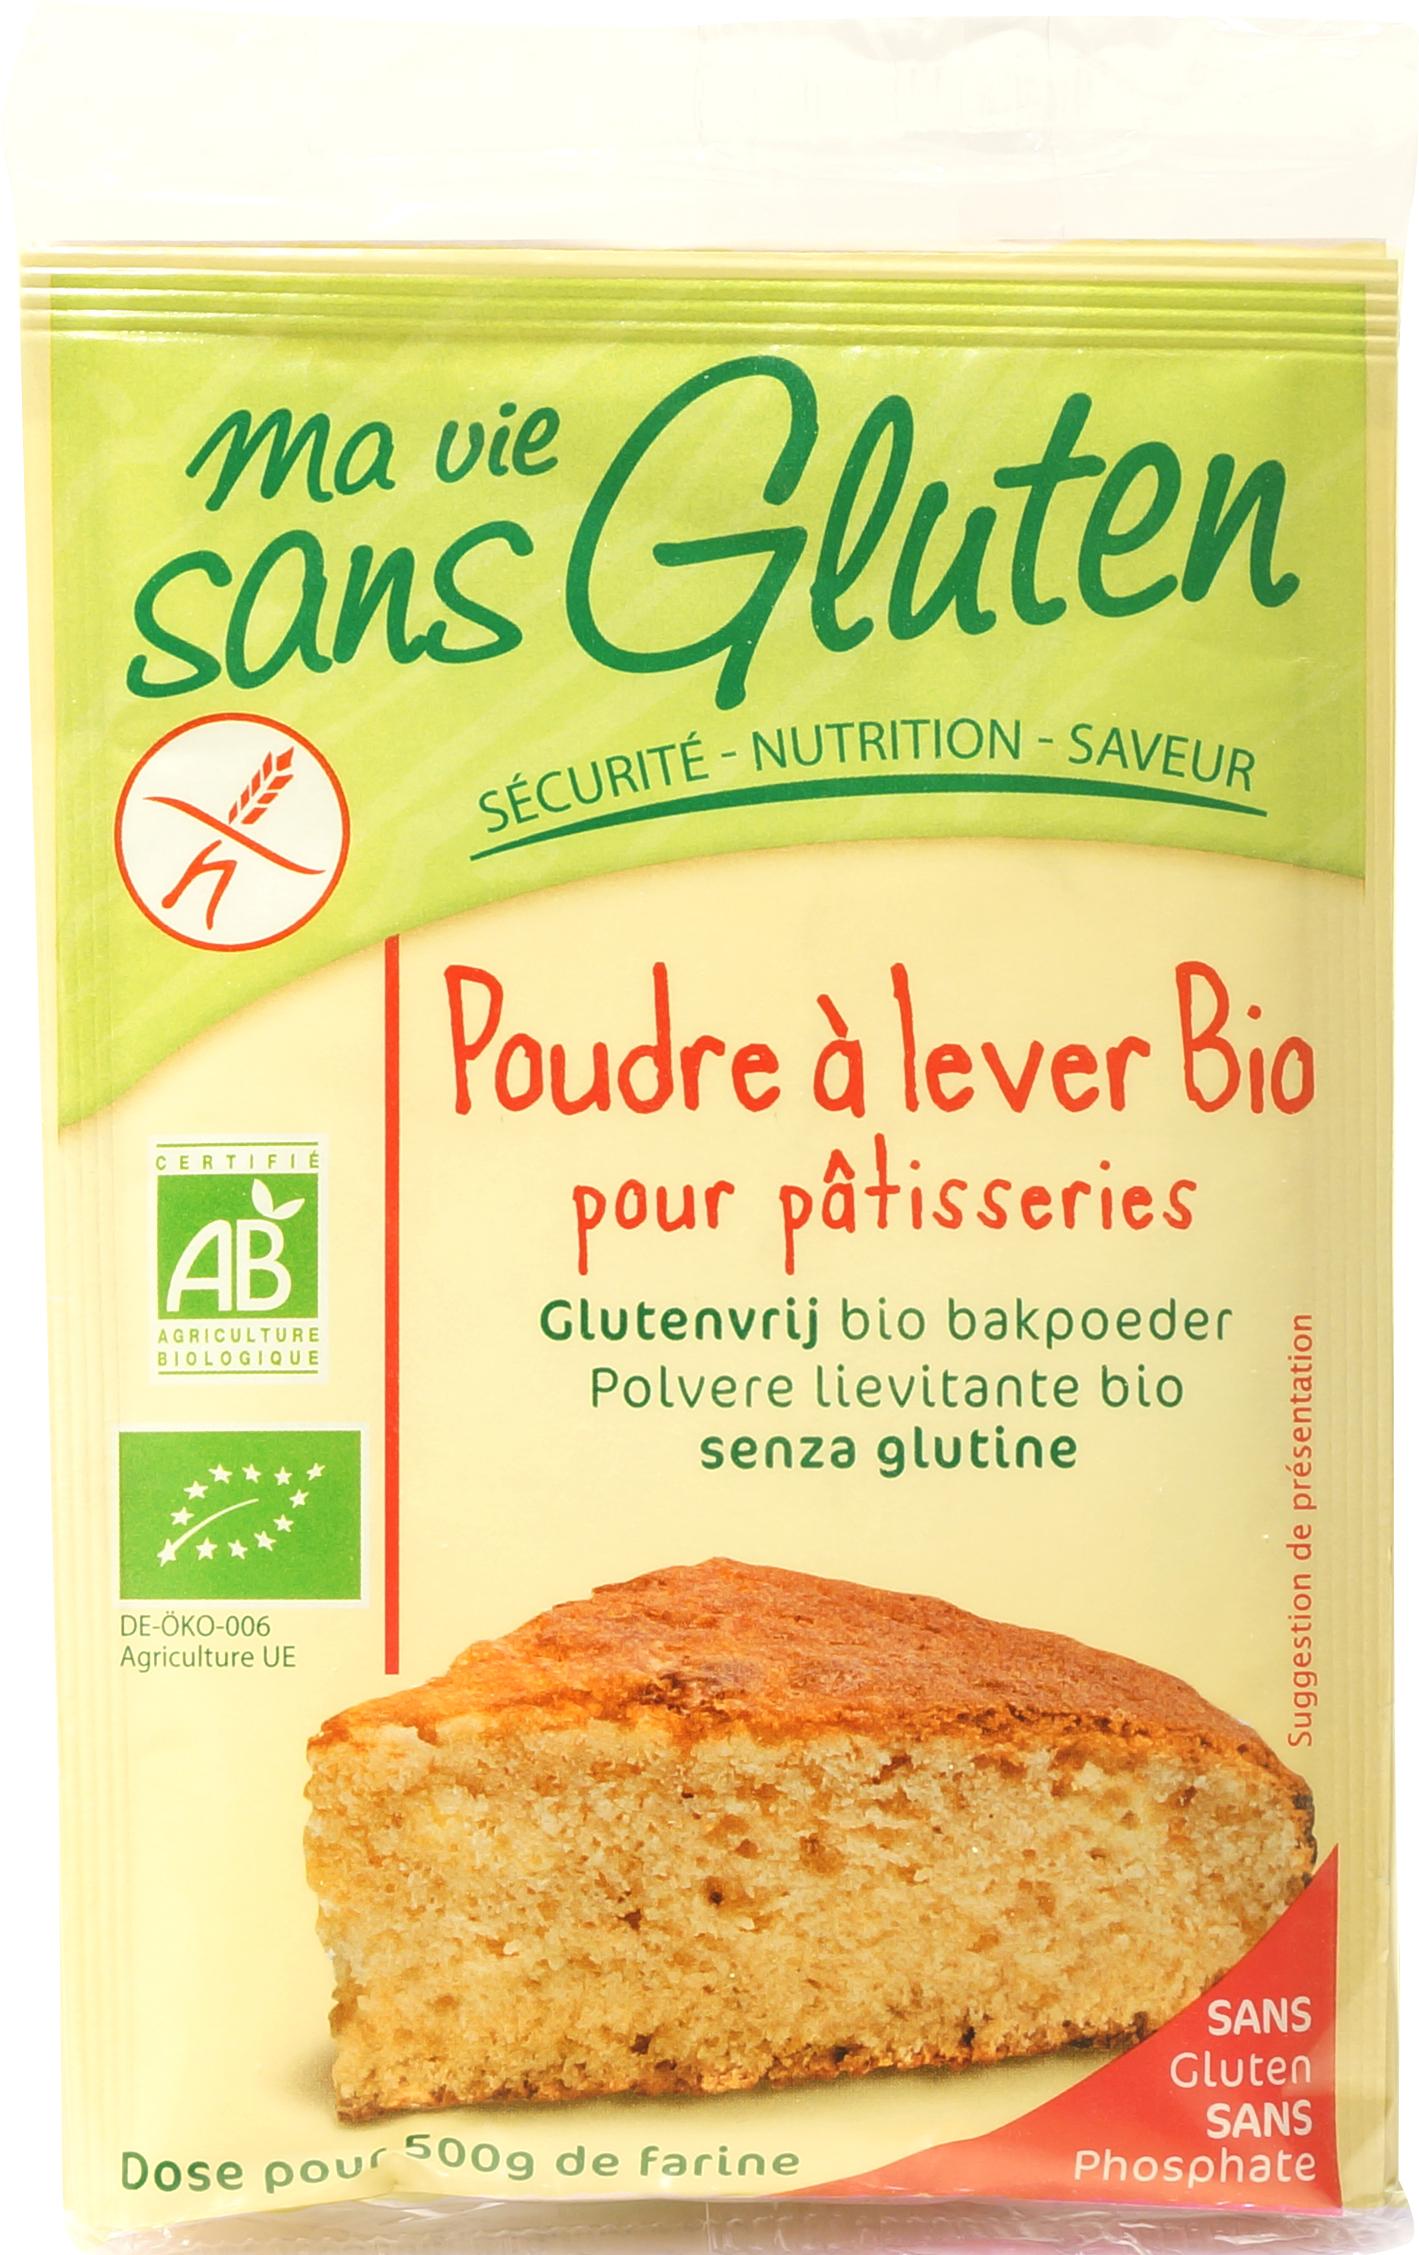 Poudre à lever BIO pour pâtisseries, Ma Vie Sans Gluten (17 g)